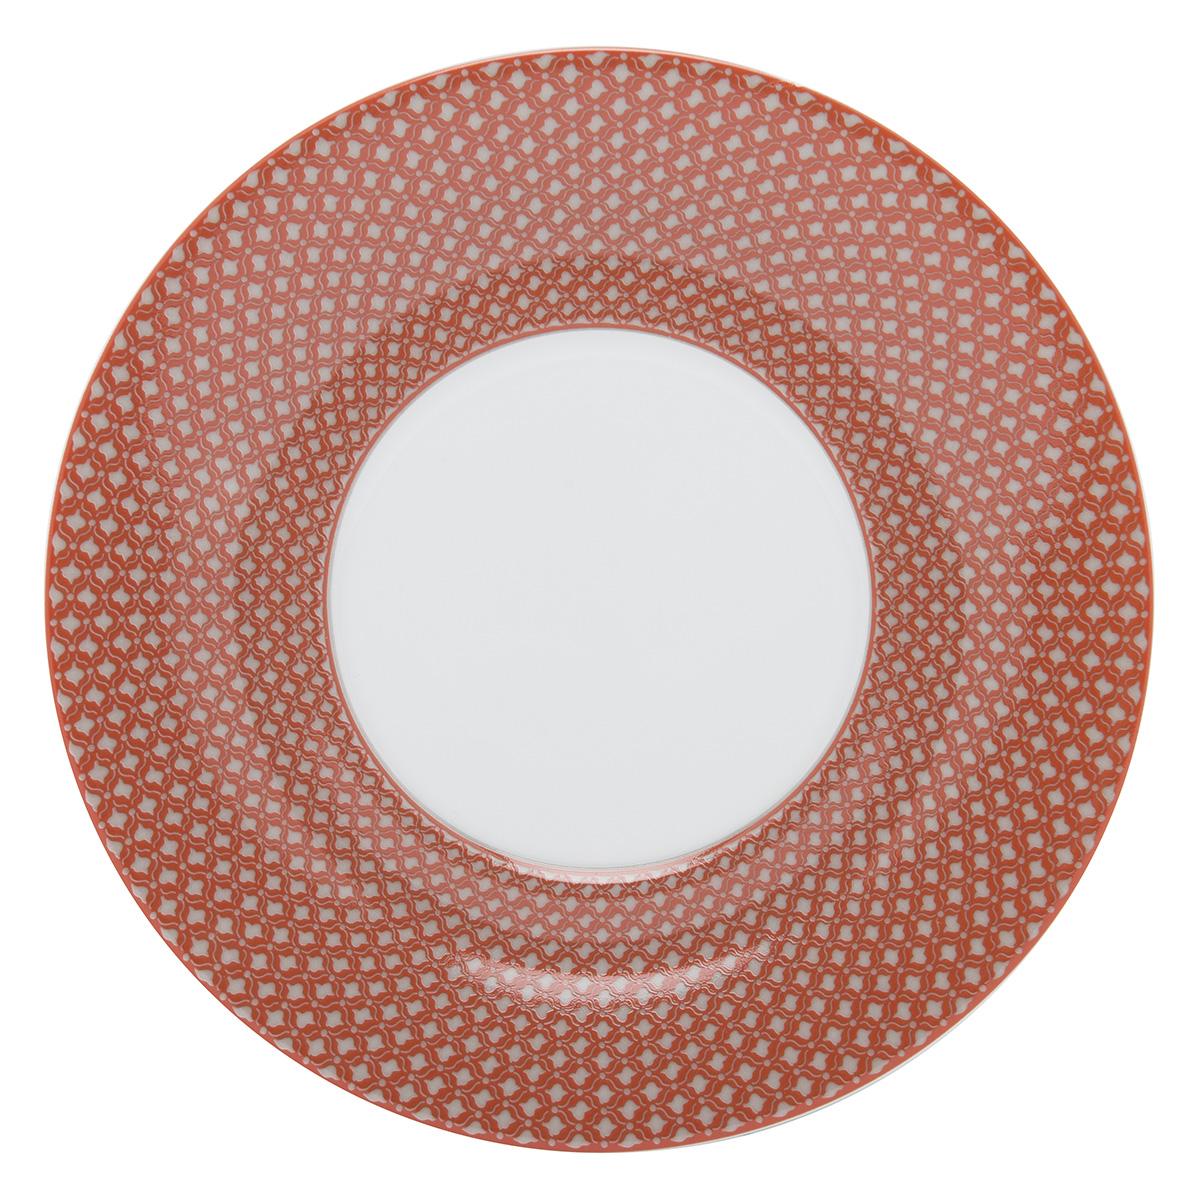 romy tomette saladier rond 25 cm saladiers les plats de service la table parisienne. Black Bedroom Furniture Sets. Home Design Ideas